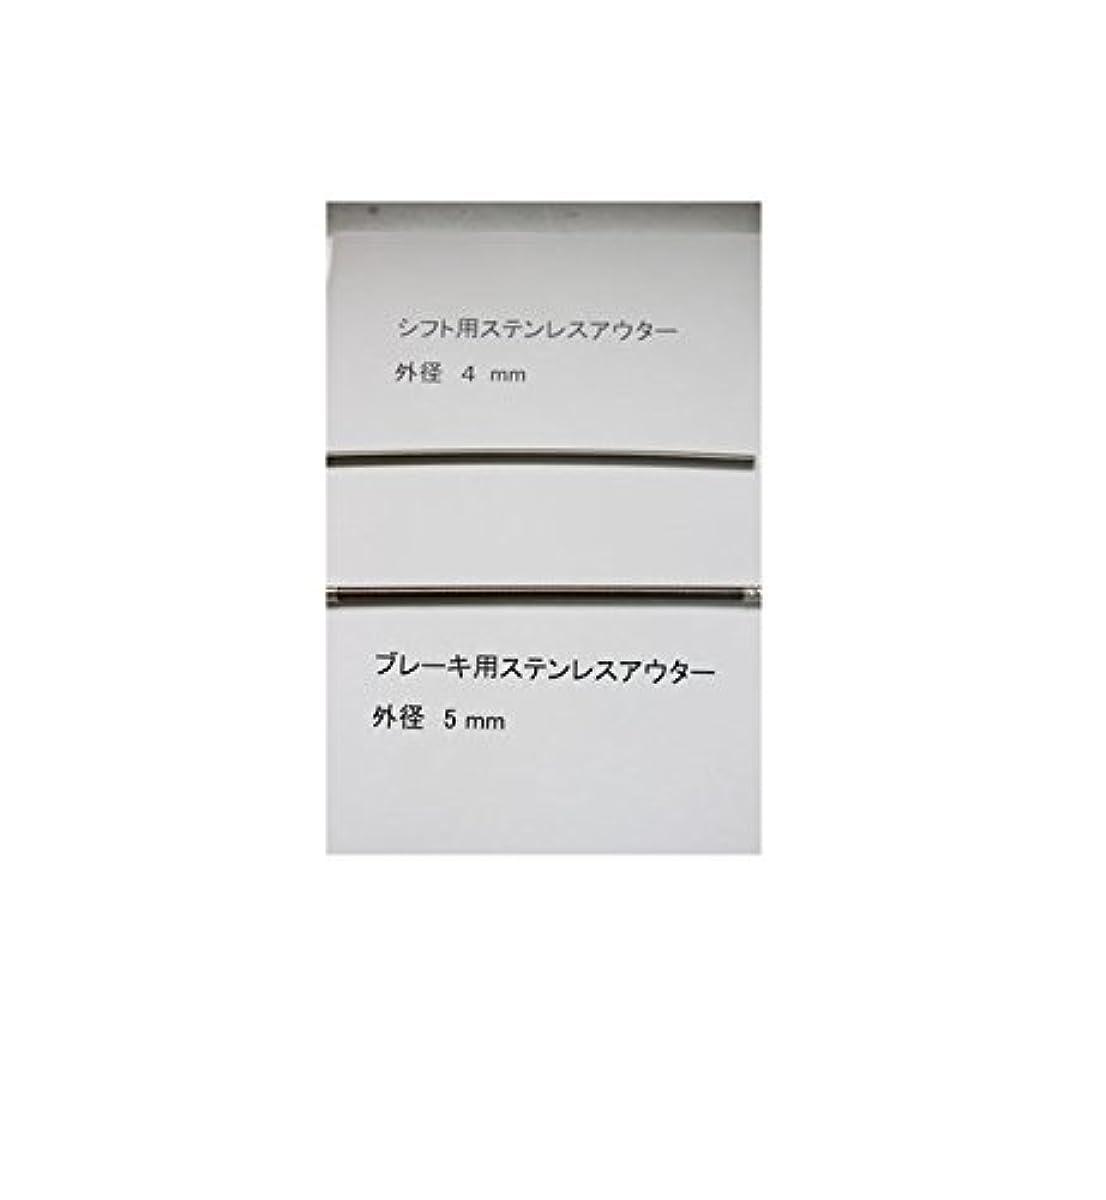 [해외] NISSEN CABLE CO,LTD니센 케이블 카부카브시키가이샤 스테아우퍼터평 선퍼터입 시프트용 2M권 클리어 블랙